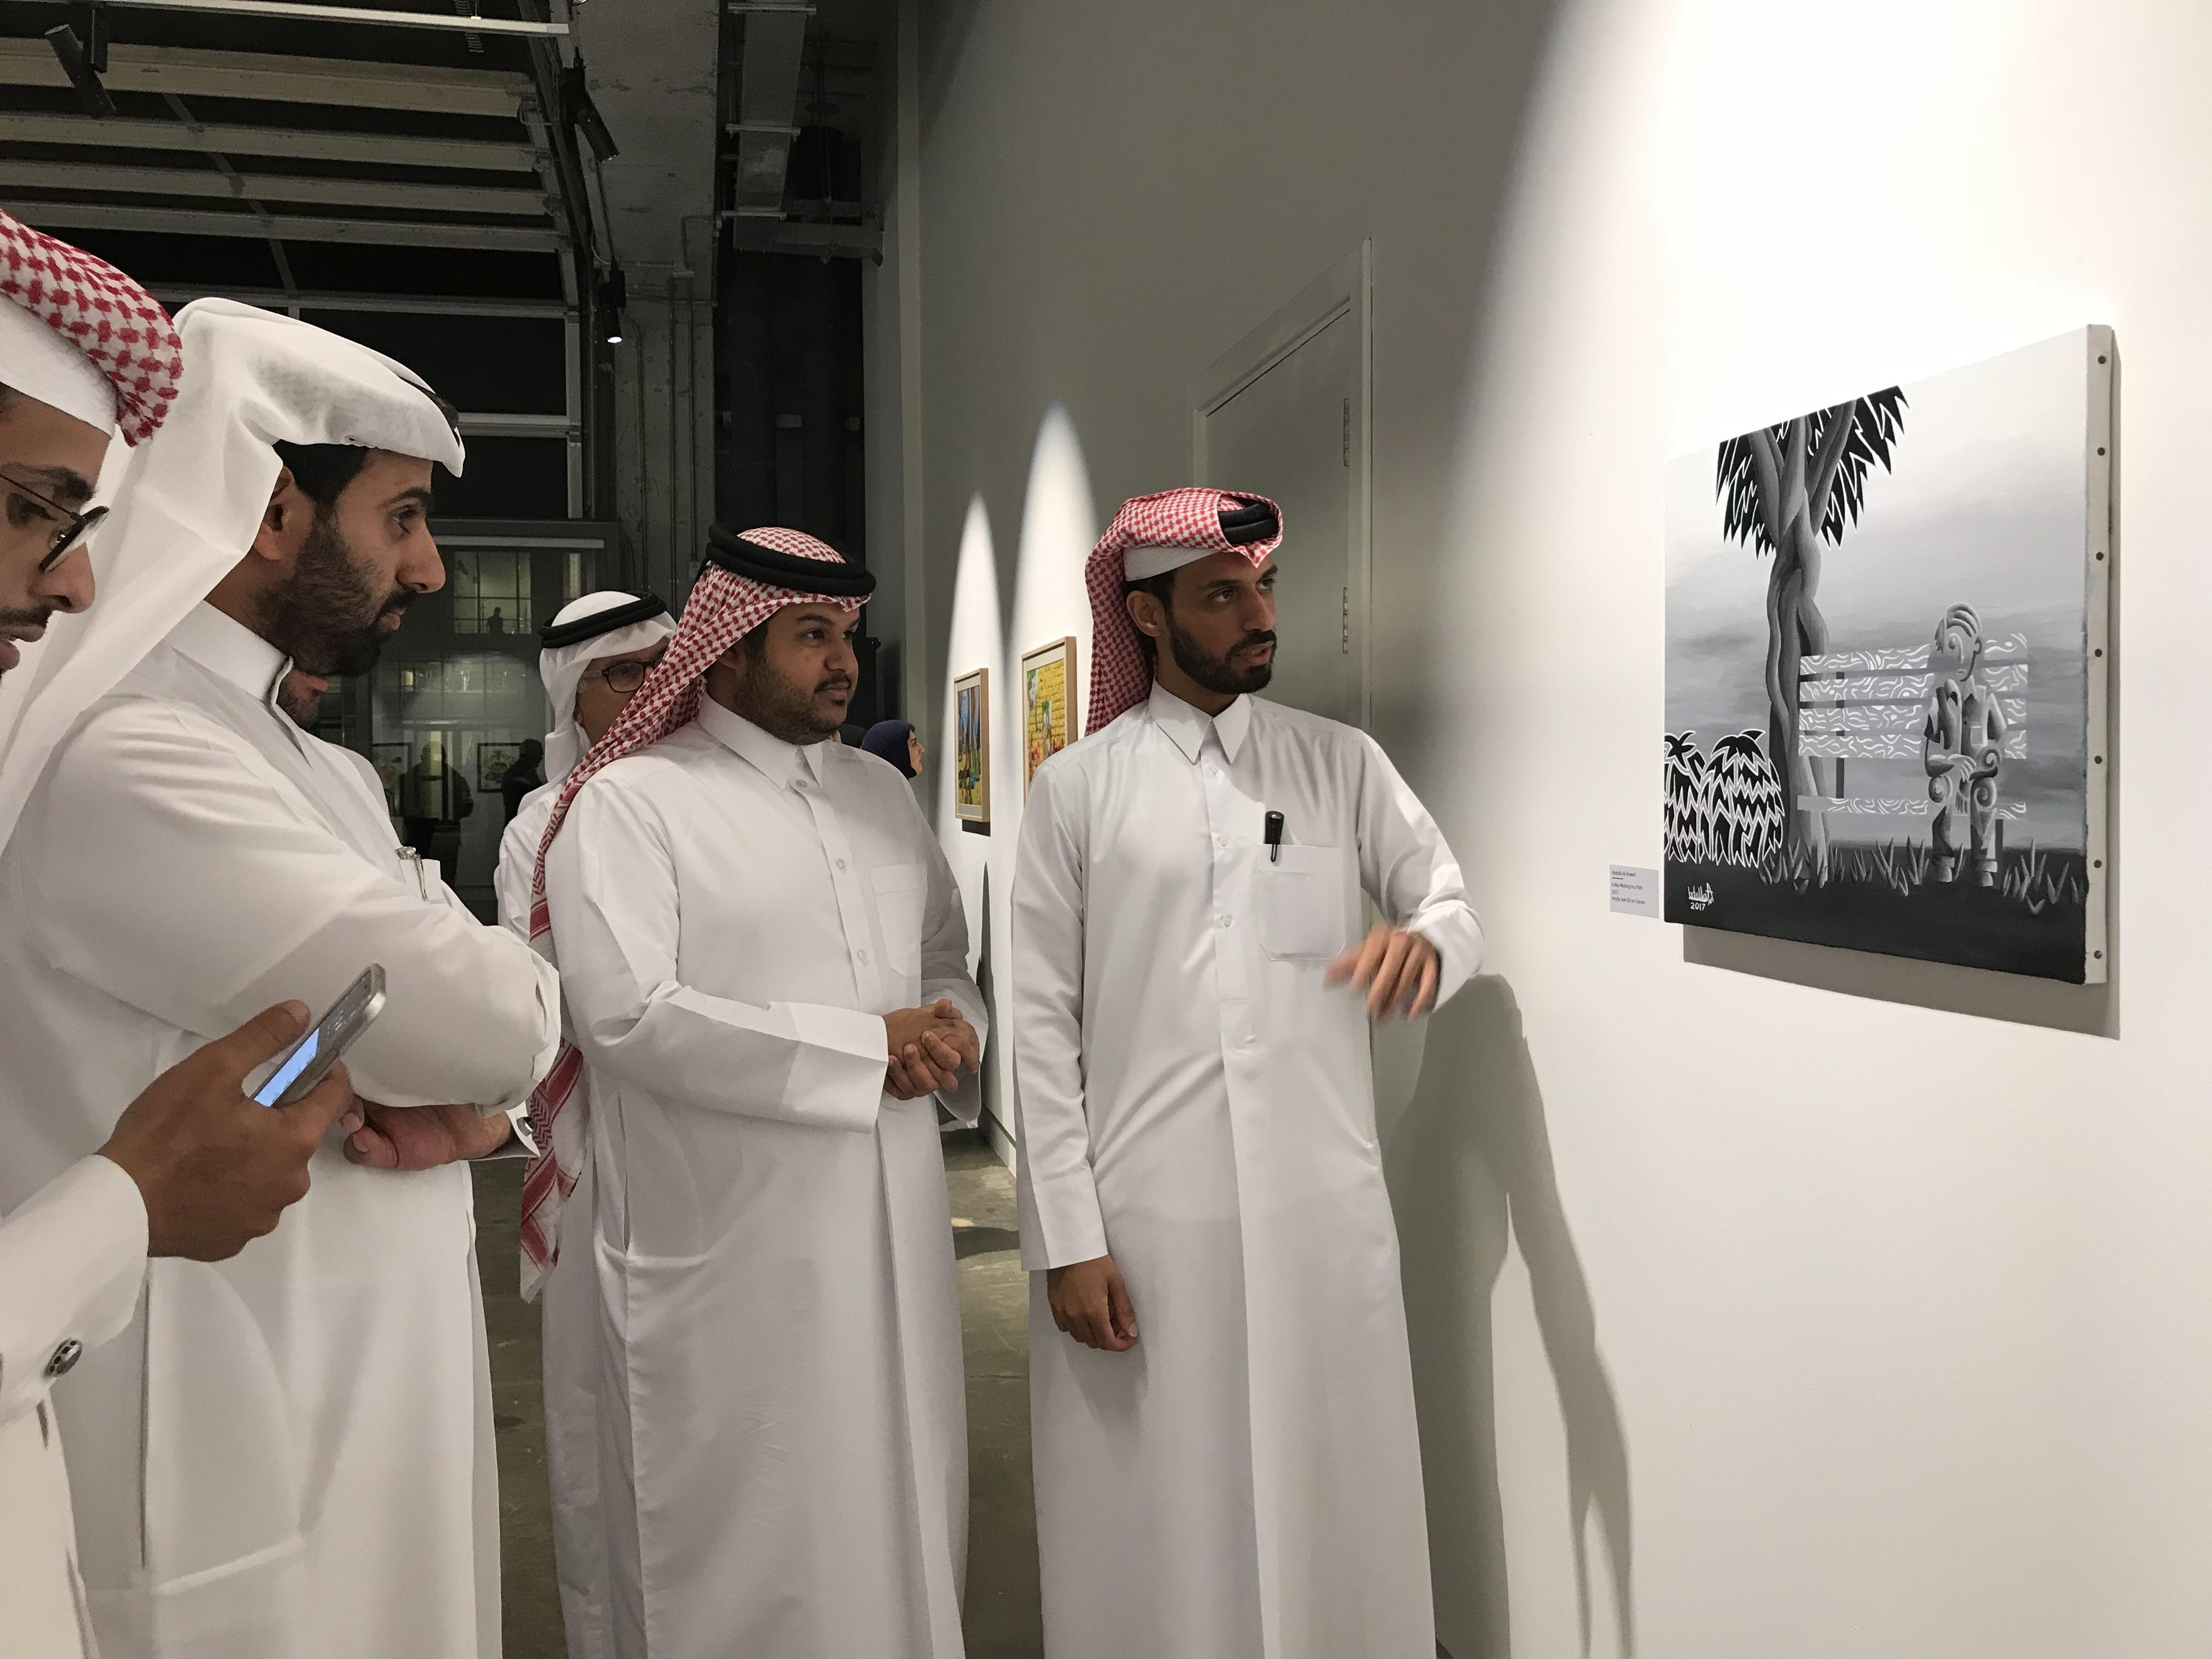 Qatari artists Abdulla Al Kuwari opens a solo exhibition at the Fire Station